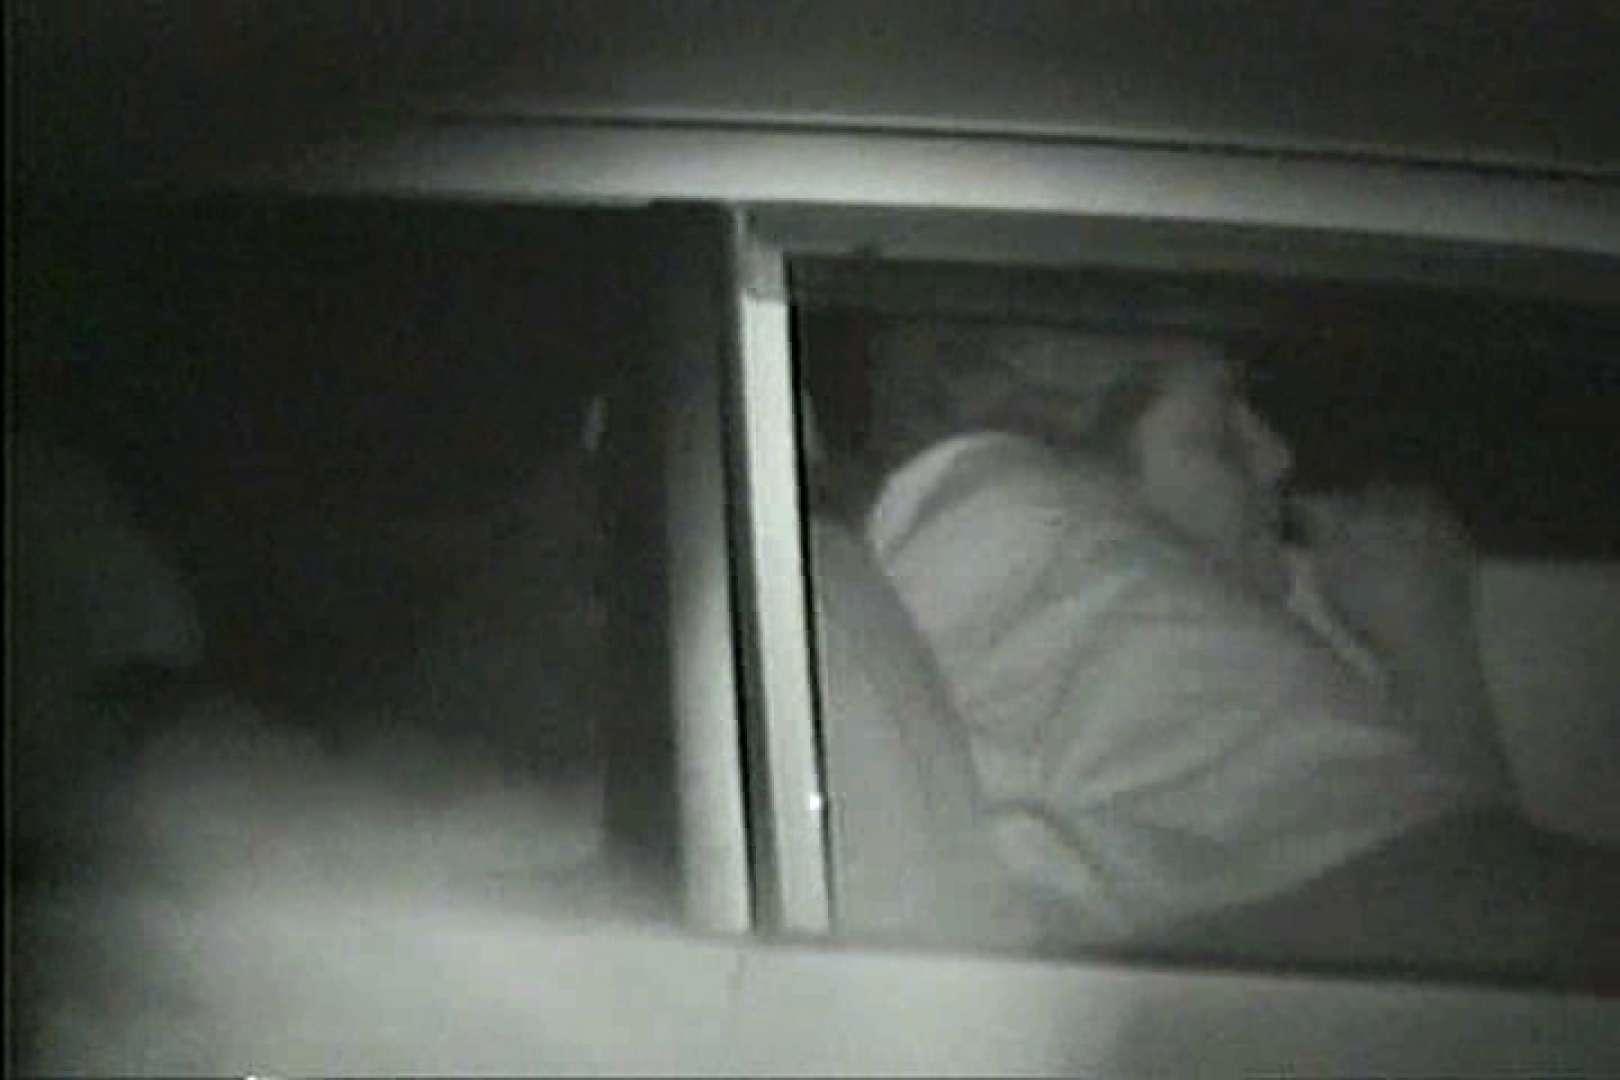 車の中はラブホテル 無修正版  Vol.10 セックス アダルト動画キャプチャ 87pic 67